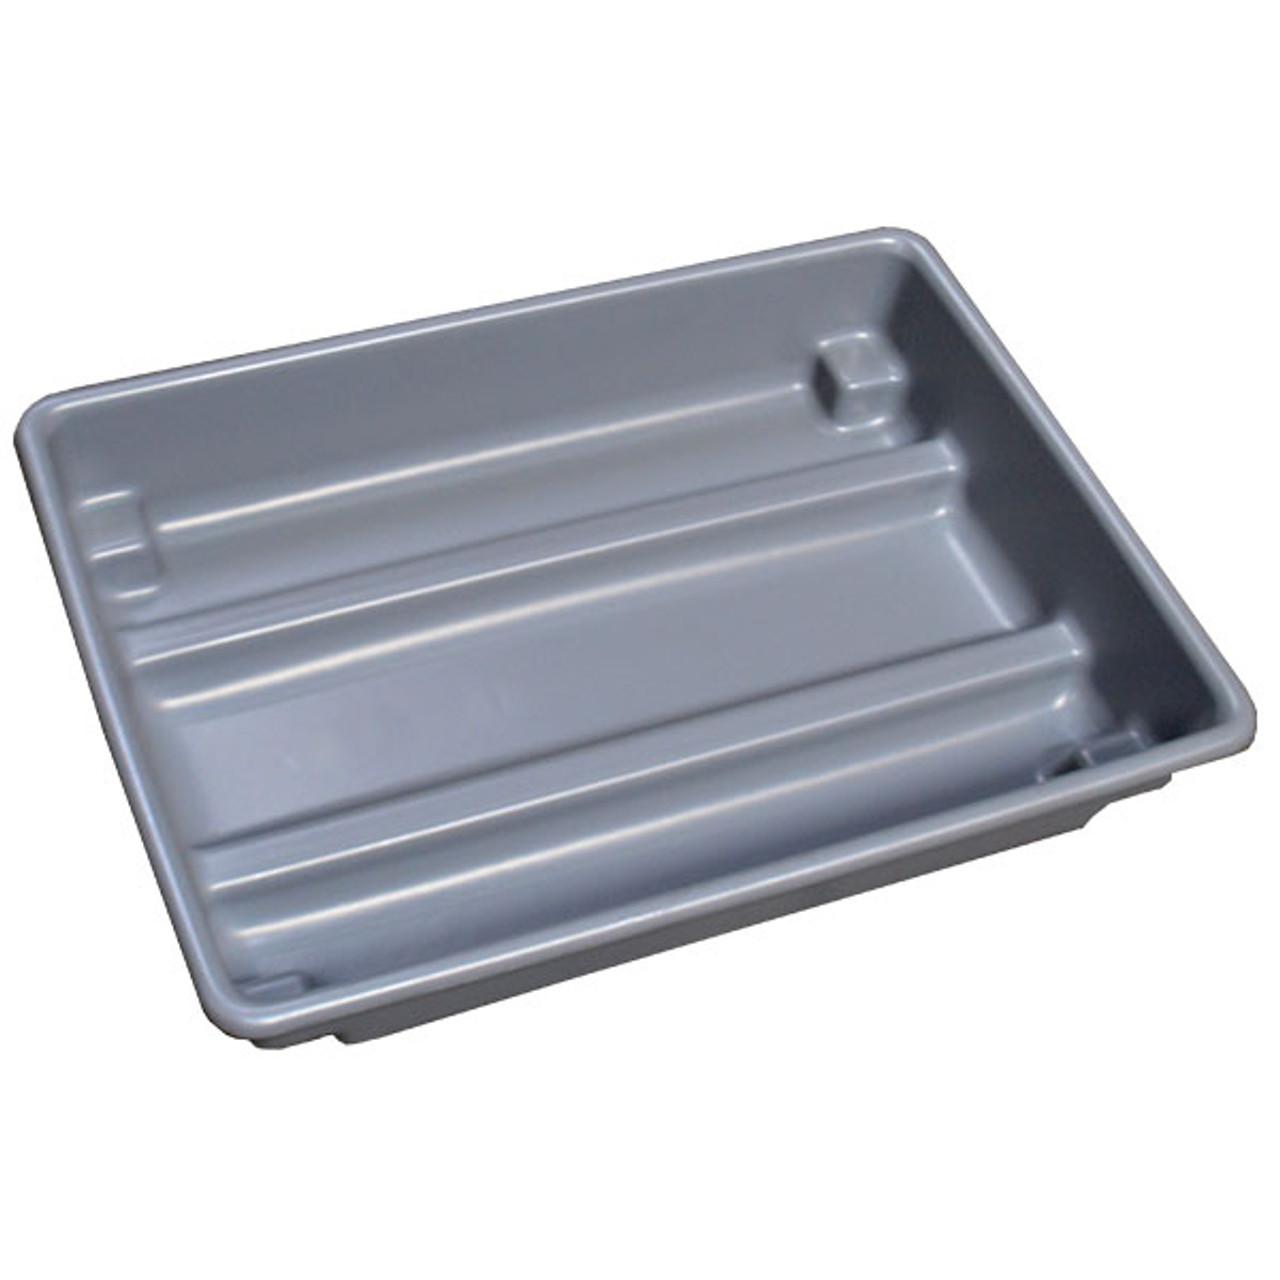 Chicken Box Pans